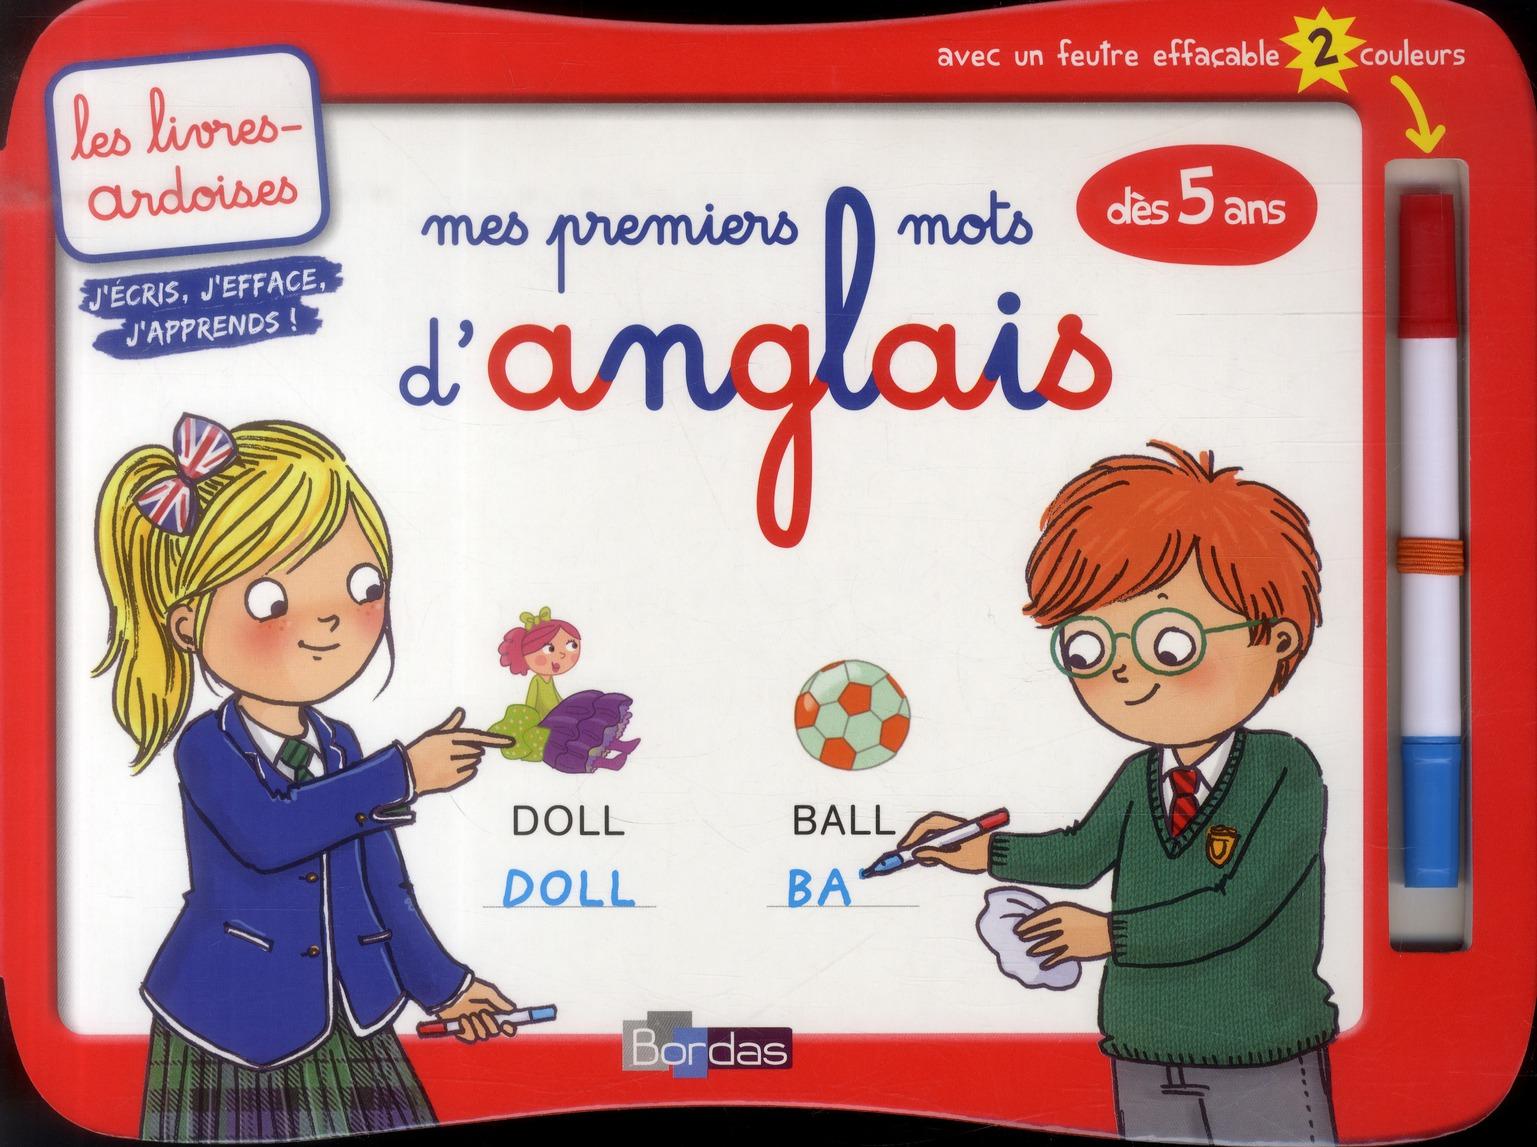 Les livres-ardoises ; mes premiers mots d'anglais ; dès 5 ans